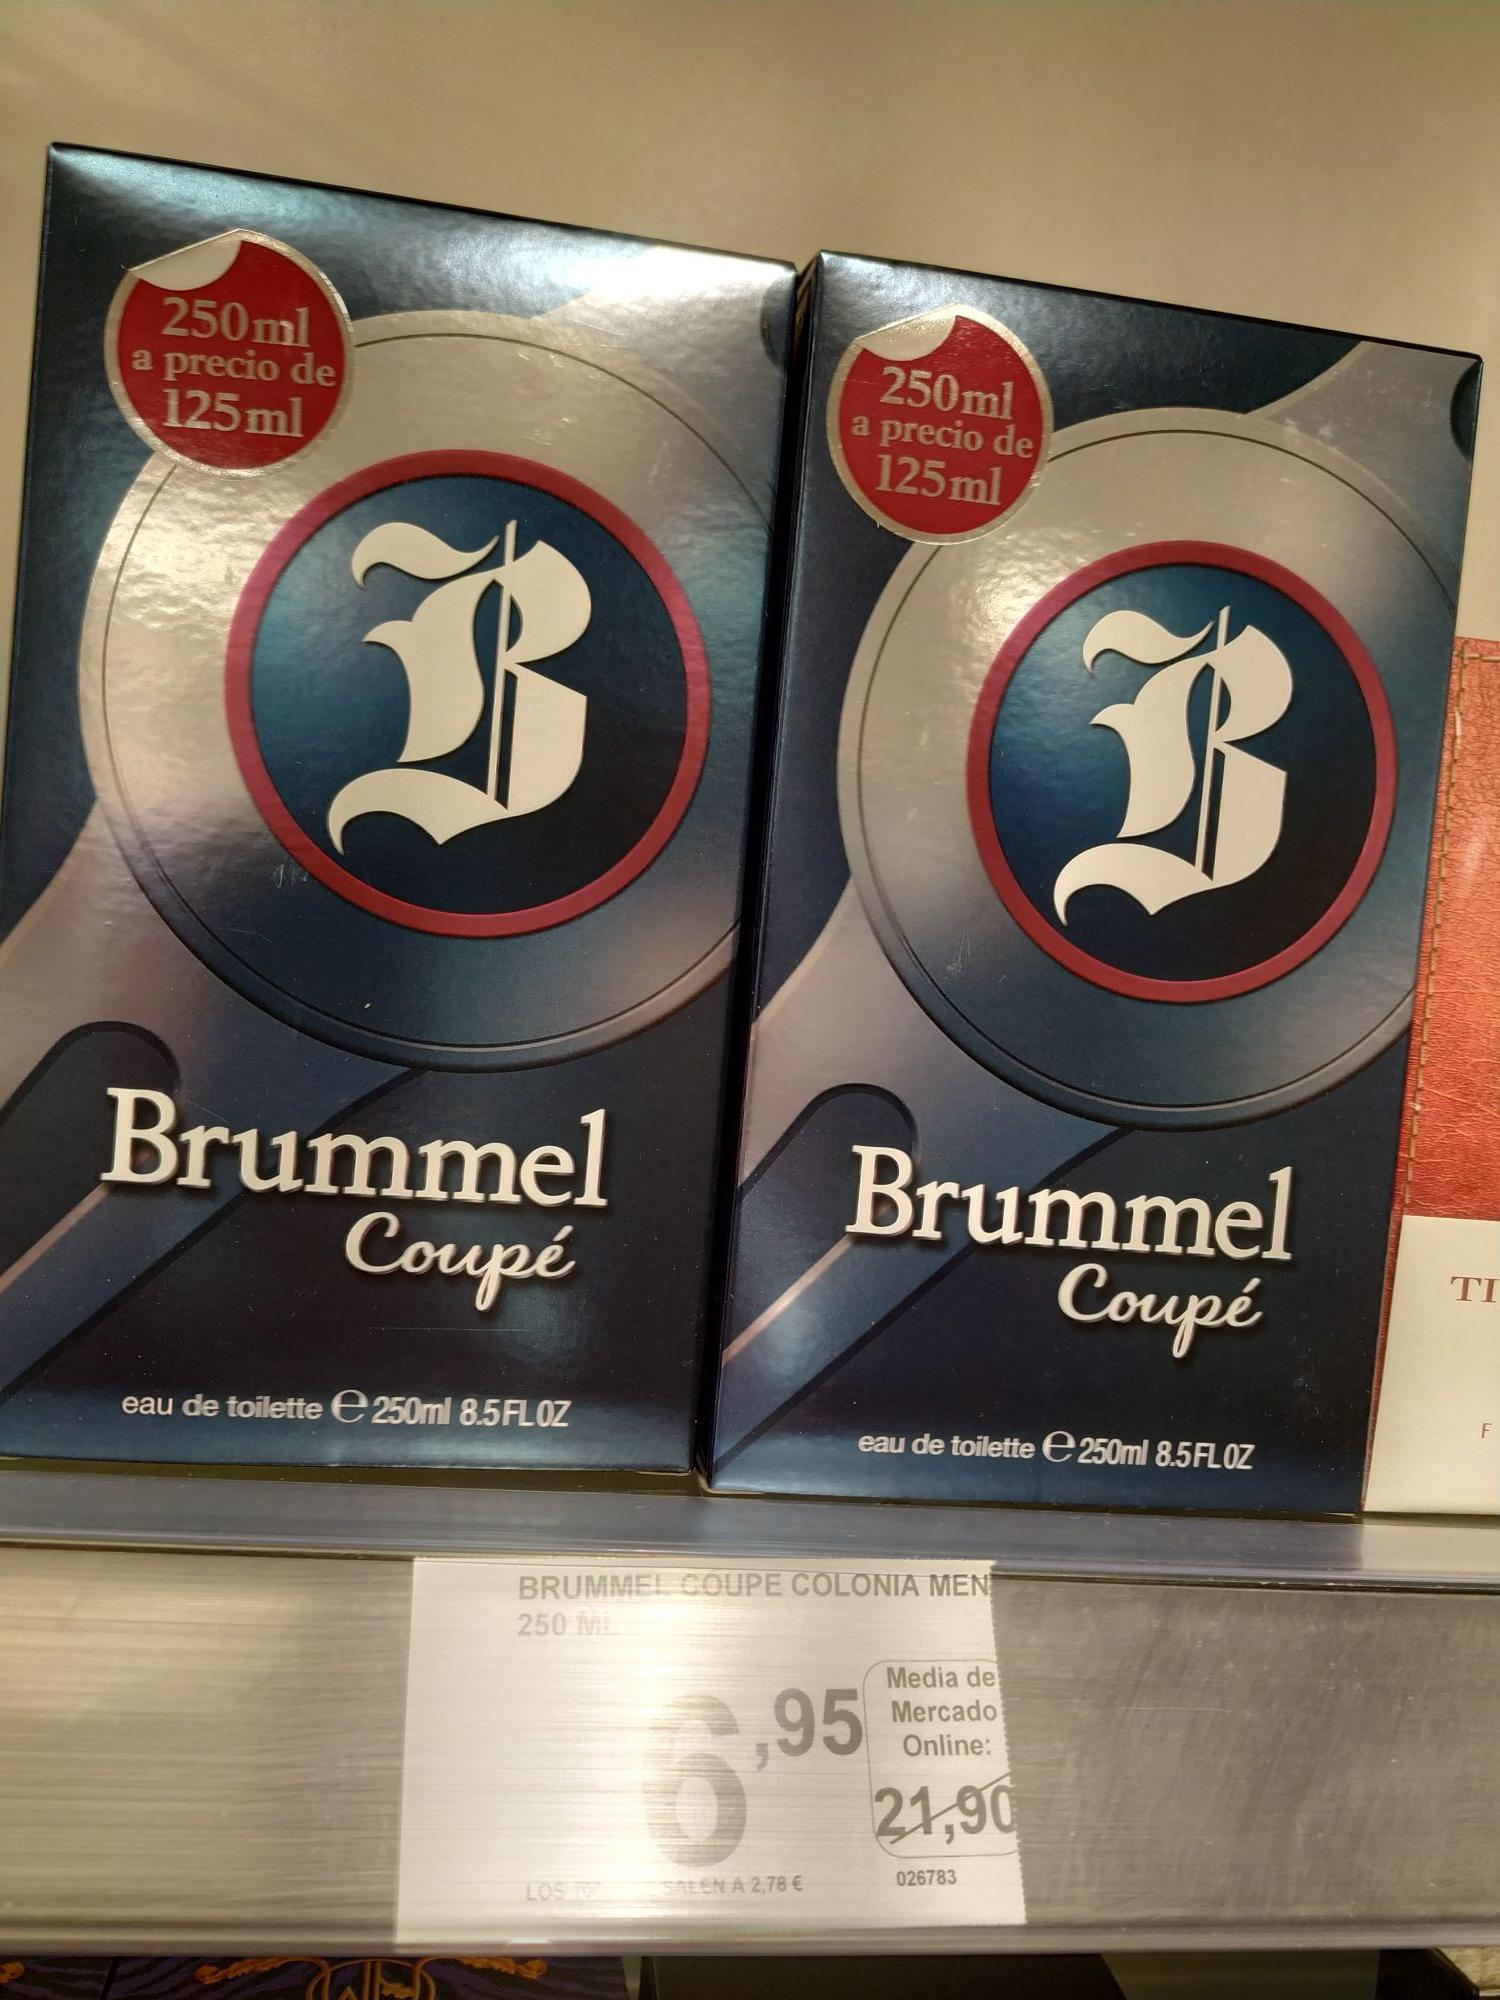 Brummel Coupé. Primaprix